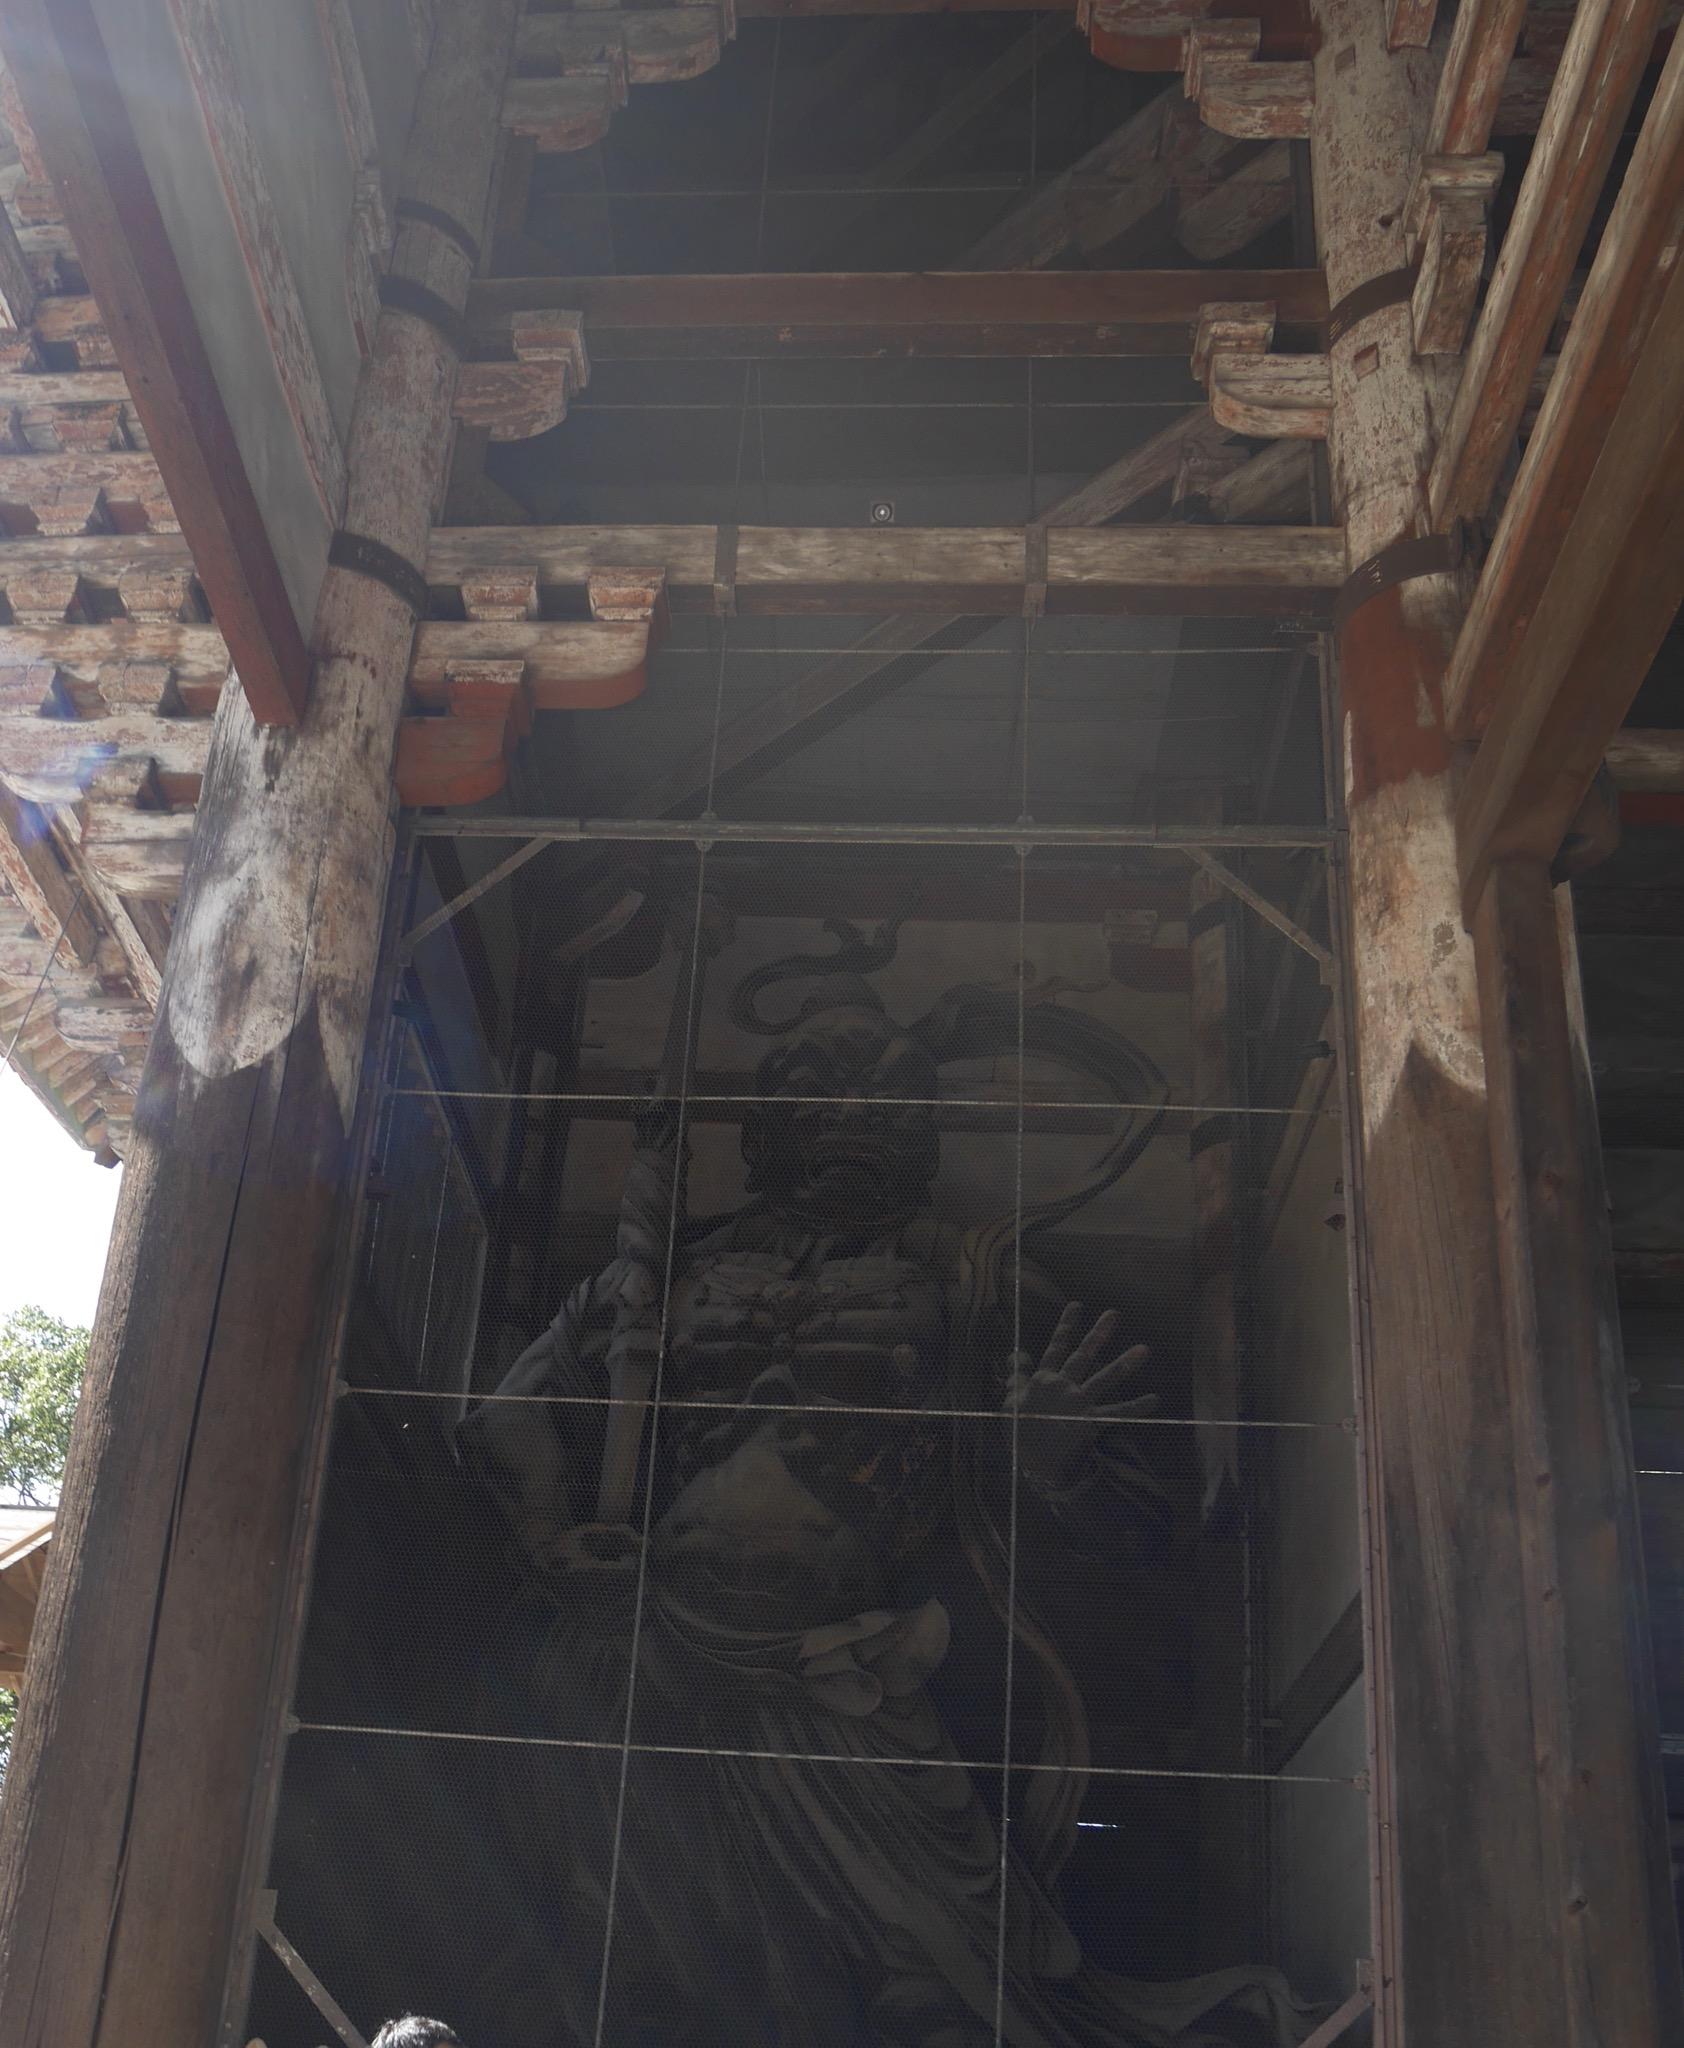 東大寺の金剛力士像でかっ!大きさや見所まとめ